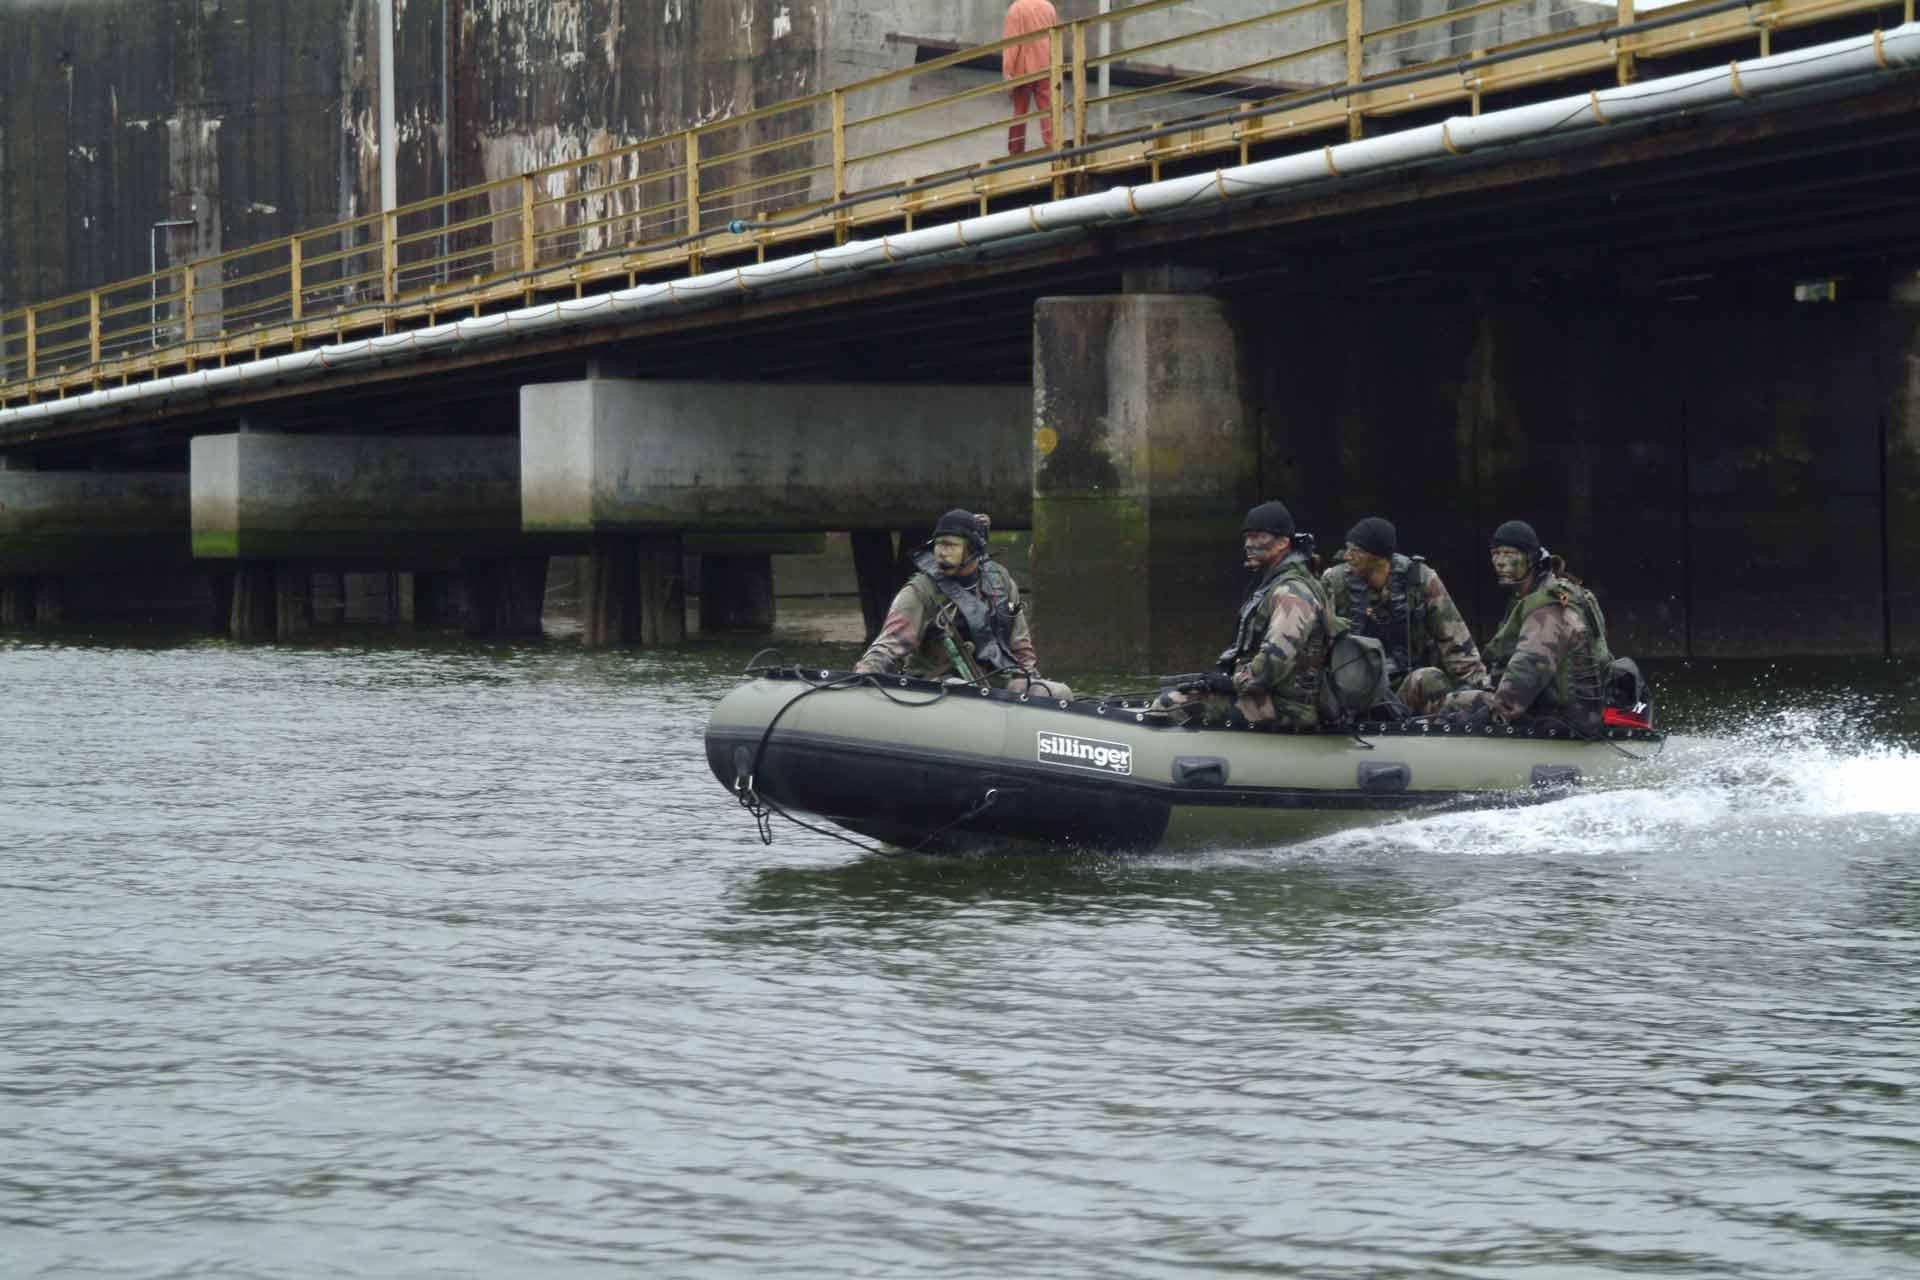 Sillinger propose des bateaux pour l'armée, des bateaux fiables et performants.